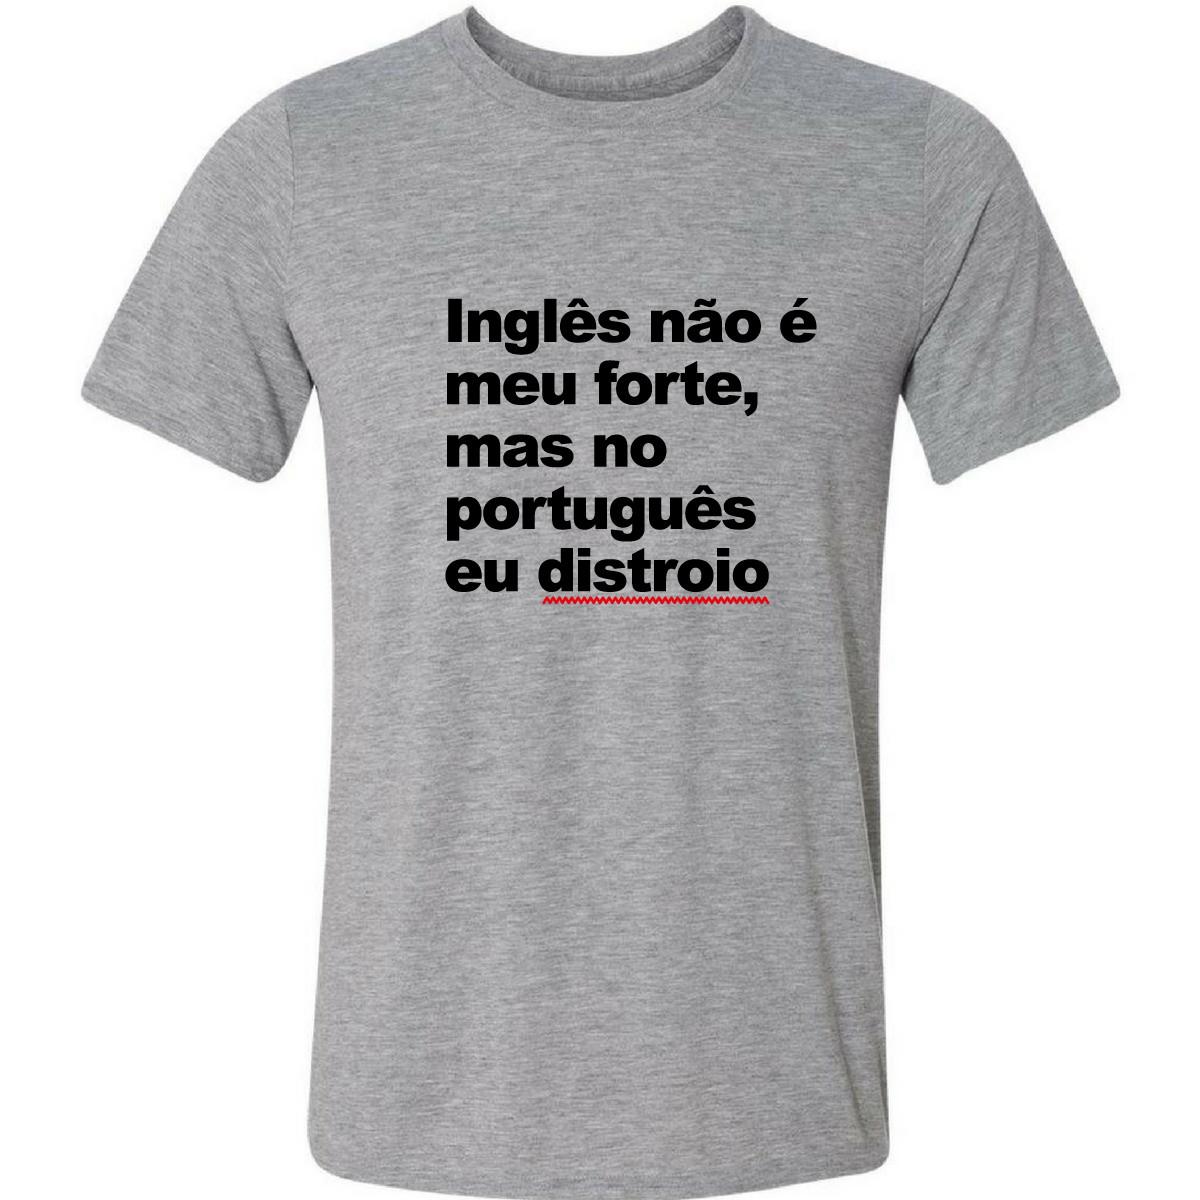 b07379b161ca1 Camiseta Inglês Não É Meu Forte Mas No Português Eu Distroio no Elo7 ...